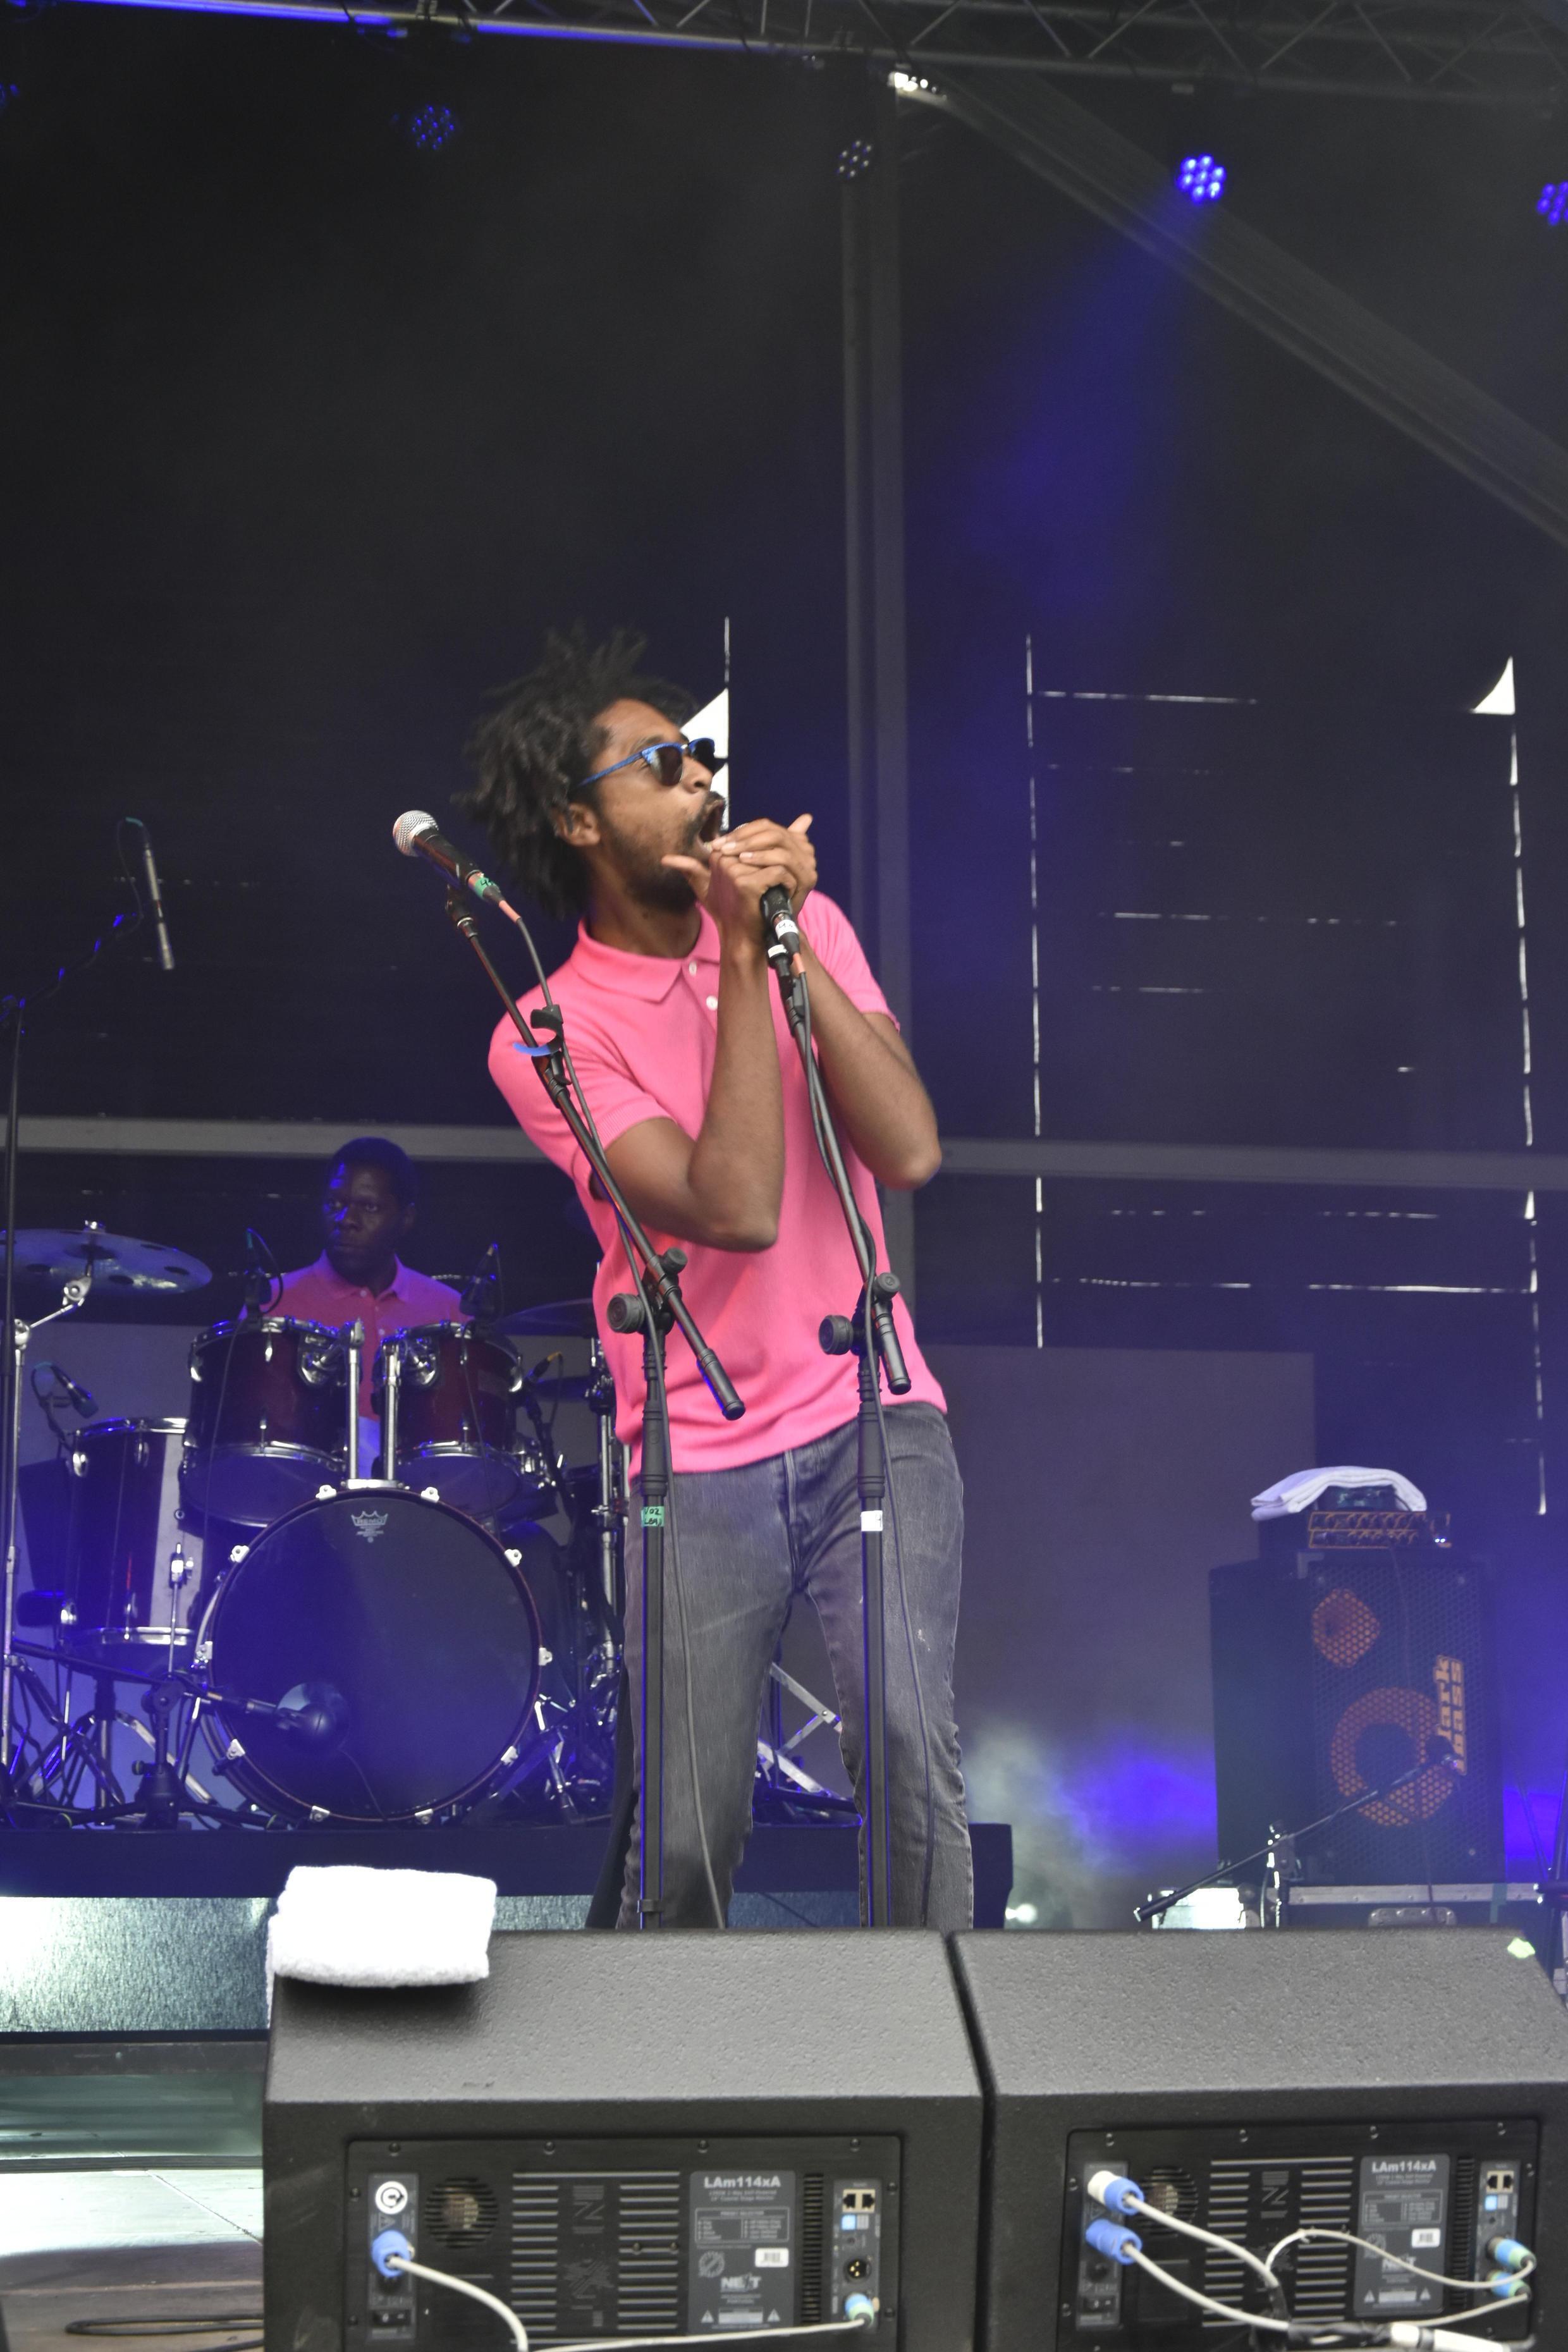 Artista angolano Nástio-Mosquito no concerto Rock in Rio 2018